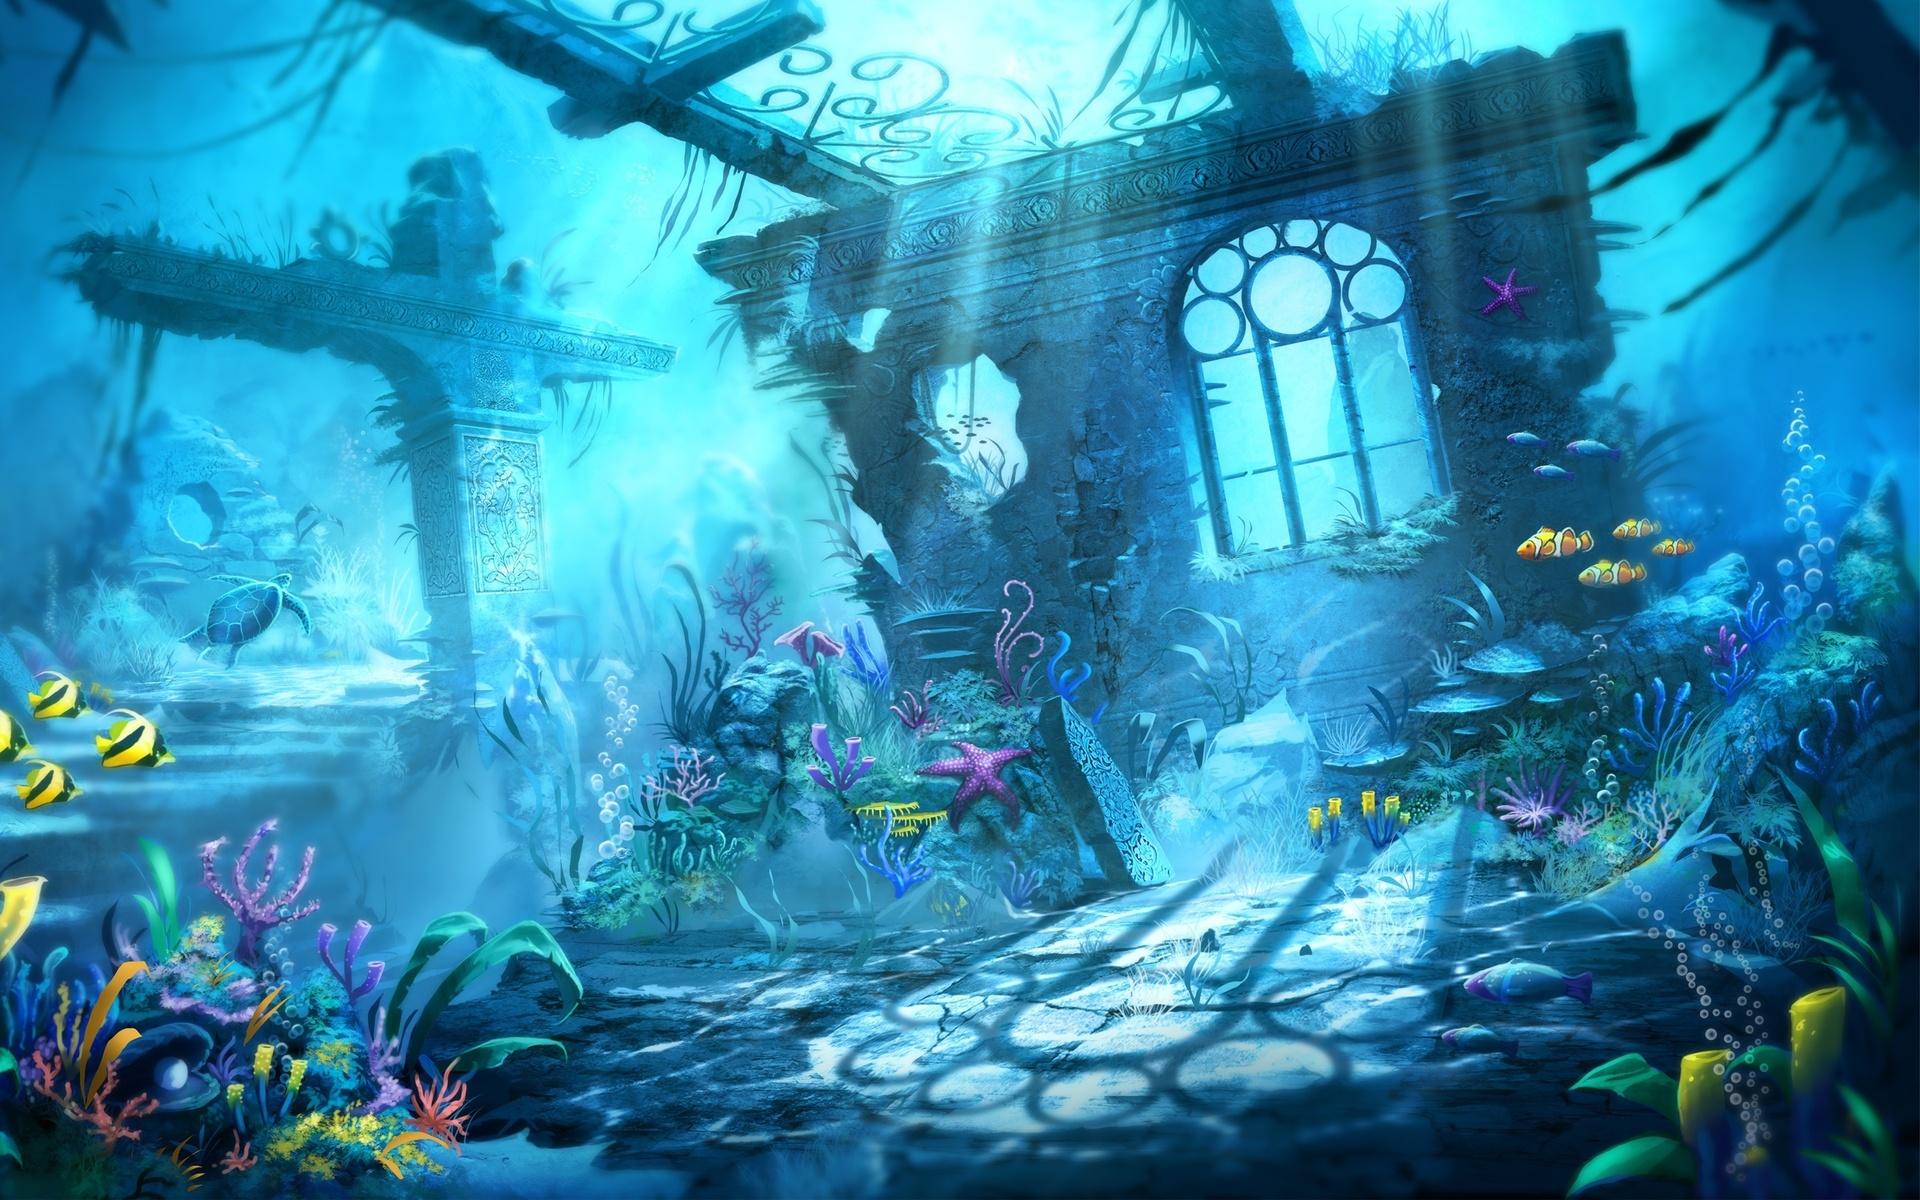 продаже картинки с подводными чудес этого, определяются цели